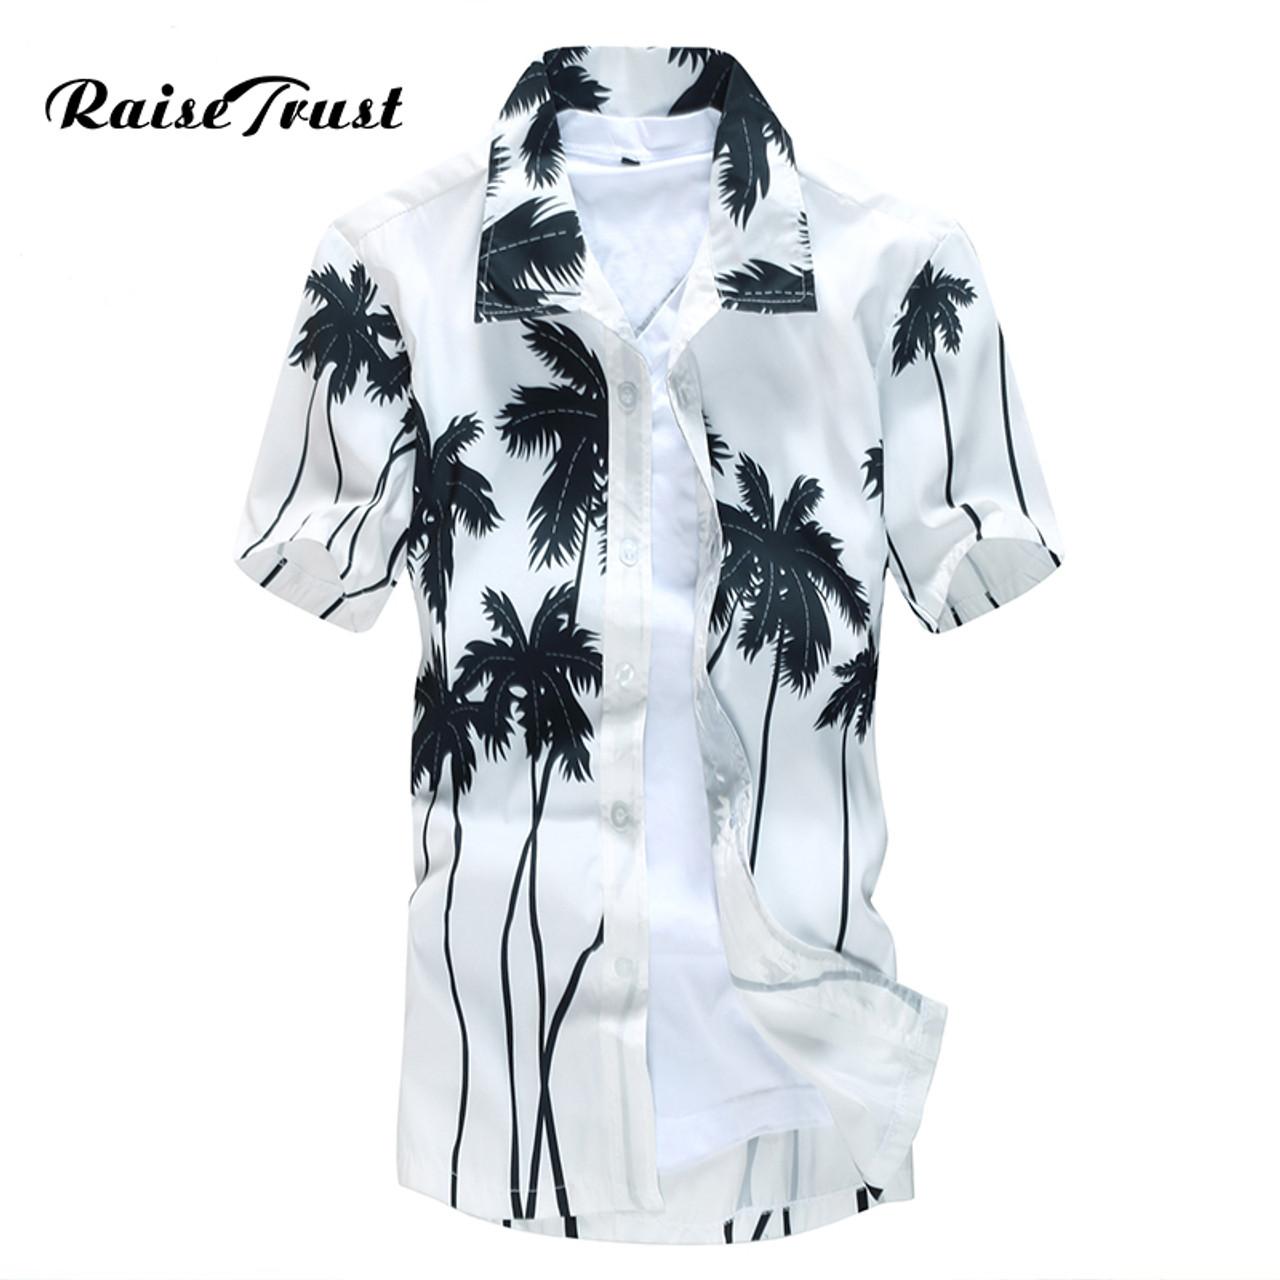 bdde705f7201 Mens Hawaiian Shirt Male Casual camisa masculina Printed Beach Shirts Short  Sleeve brand clothing Free Shipping ...